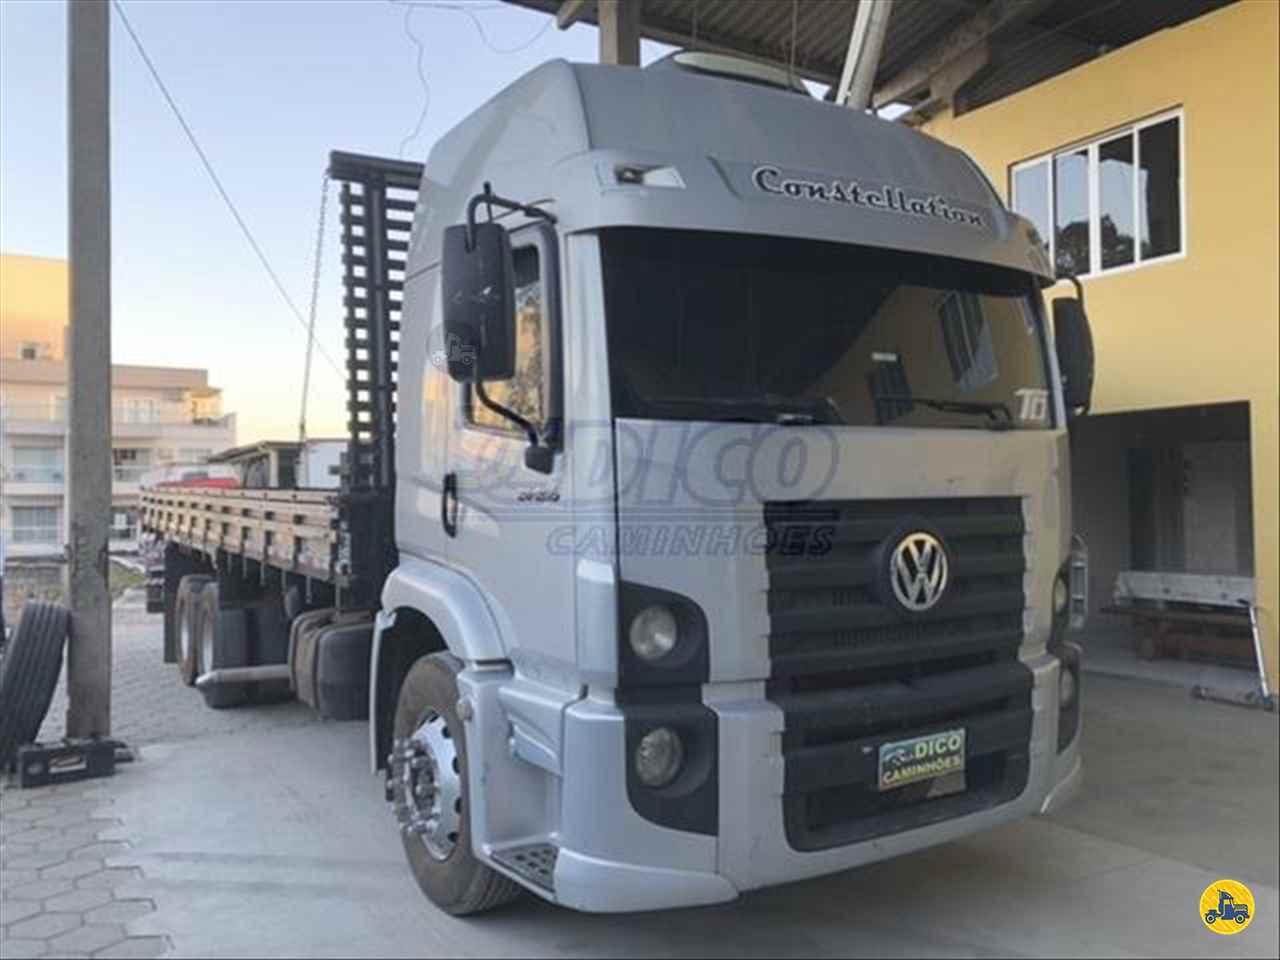 CAMINHAO VOLKSWAGEN VW 24250 Carga Seca Truck 6x2 Dico Caminhões RIO DO SUL SANTA CATARINA SC